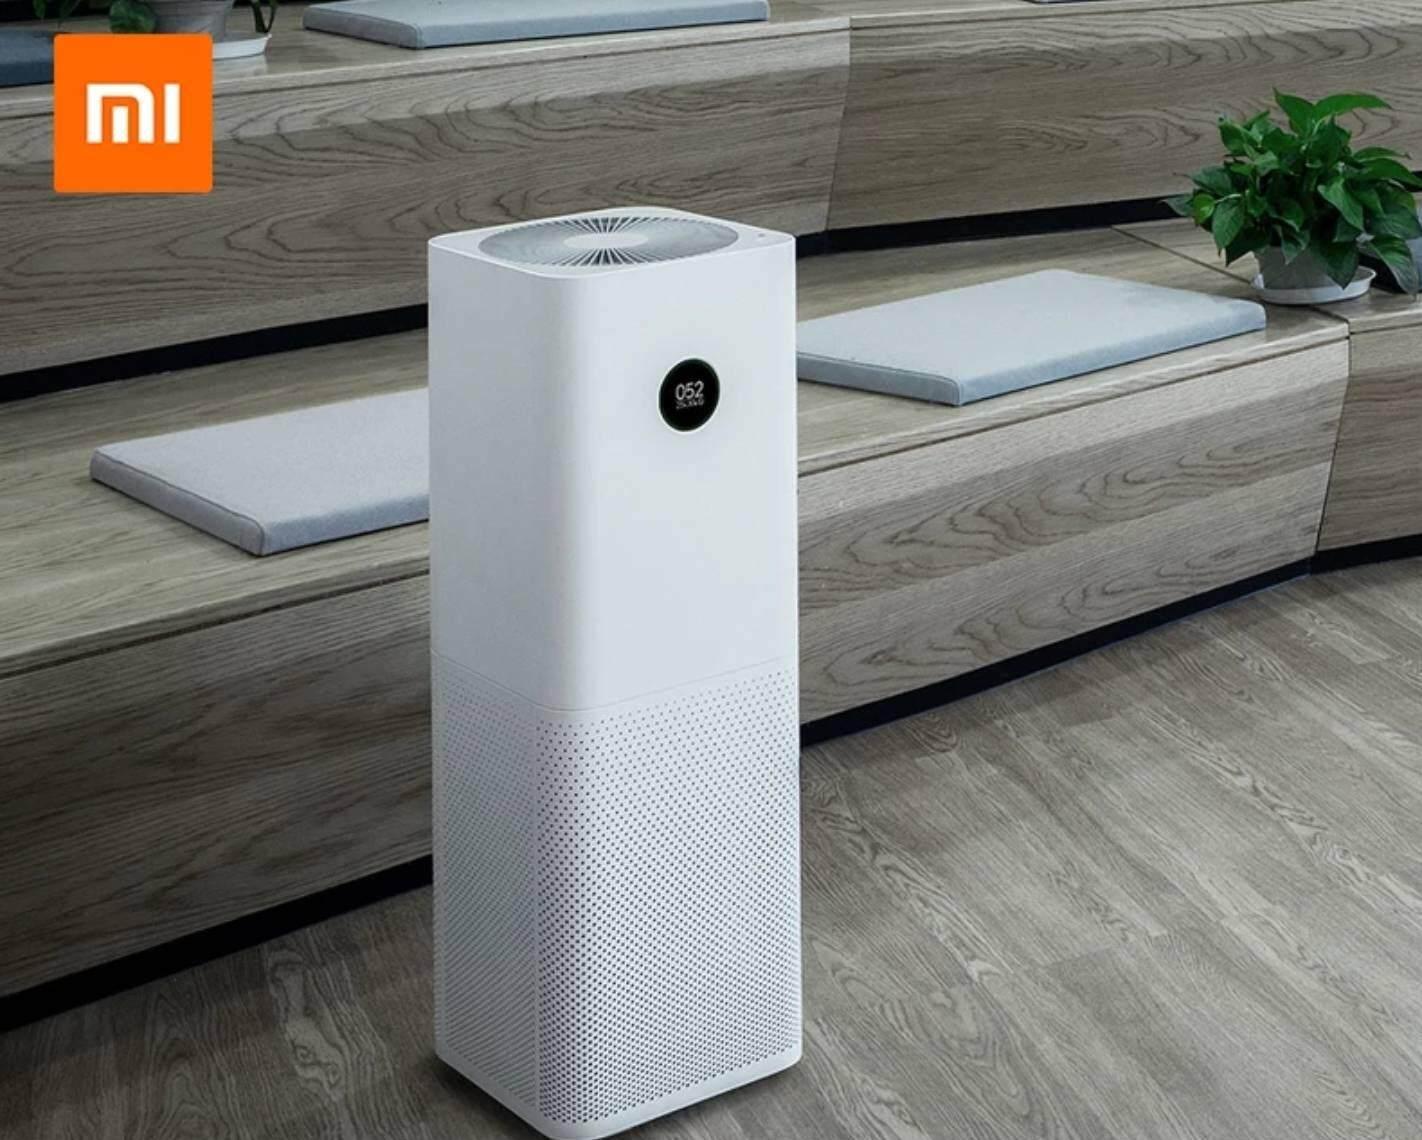 การใช้งาน  พิษณุโลก มีของพร้อมส่ง xiaomi air purifier pro แท้100%